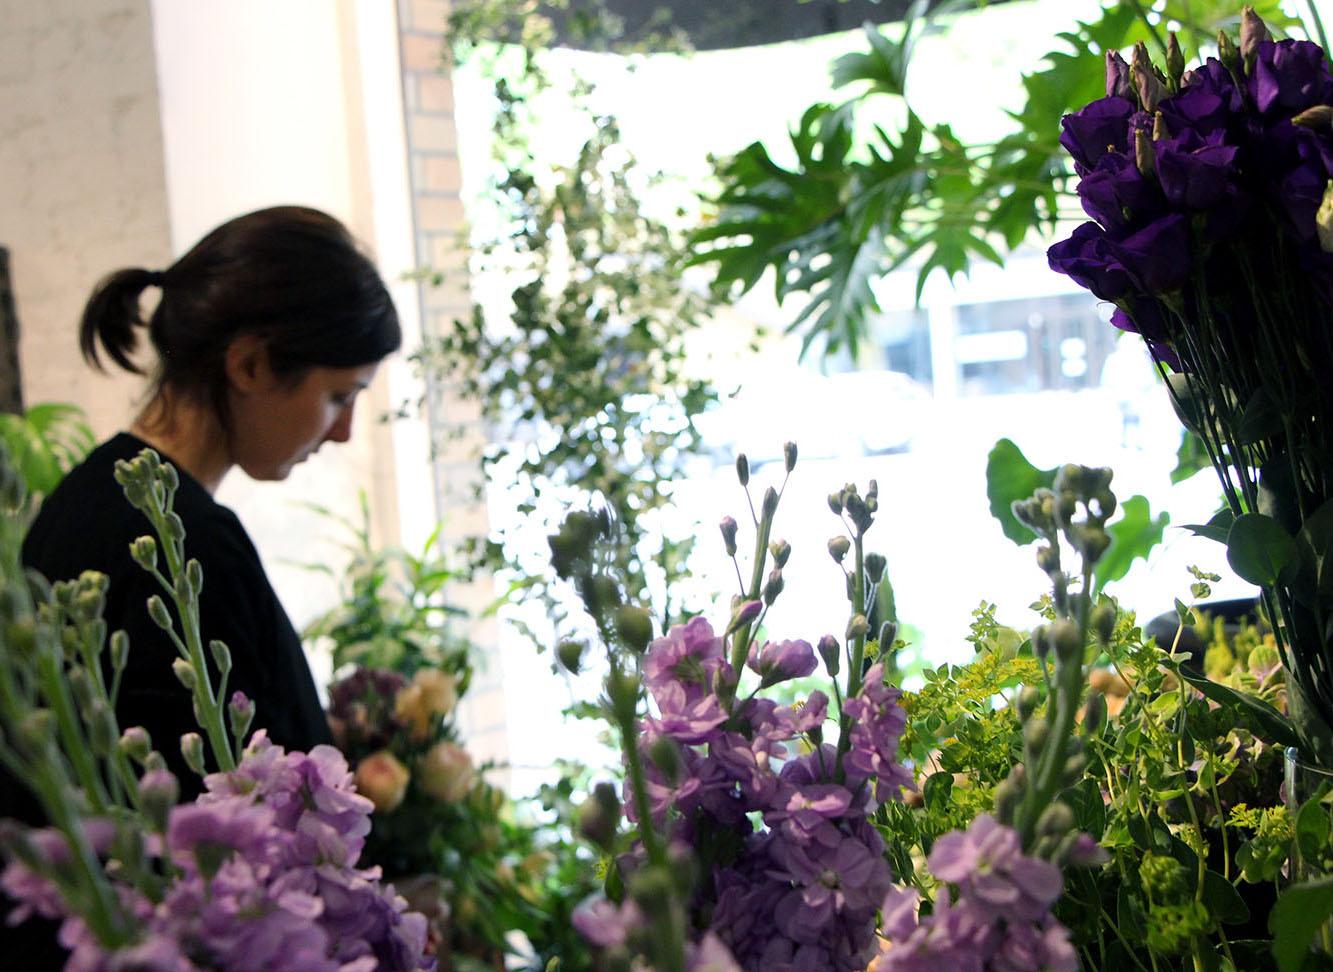 Zara binder en blomsterbukett på Vackra blomster & ting.